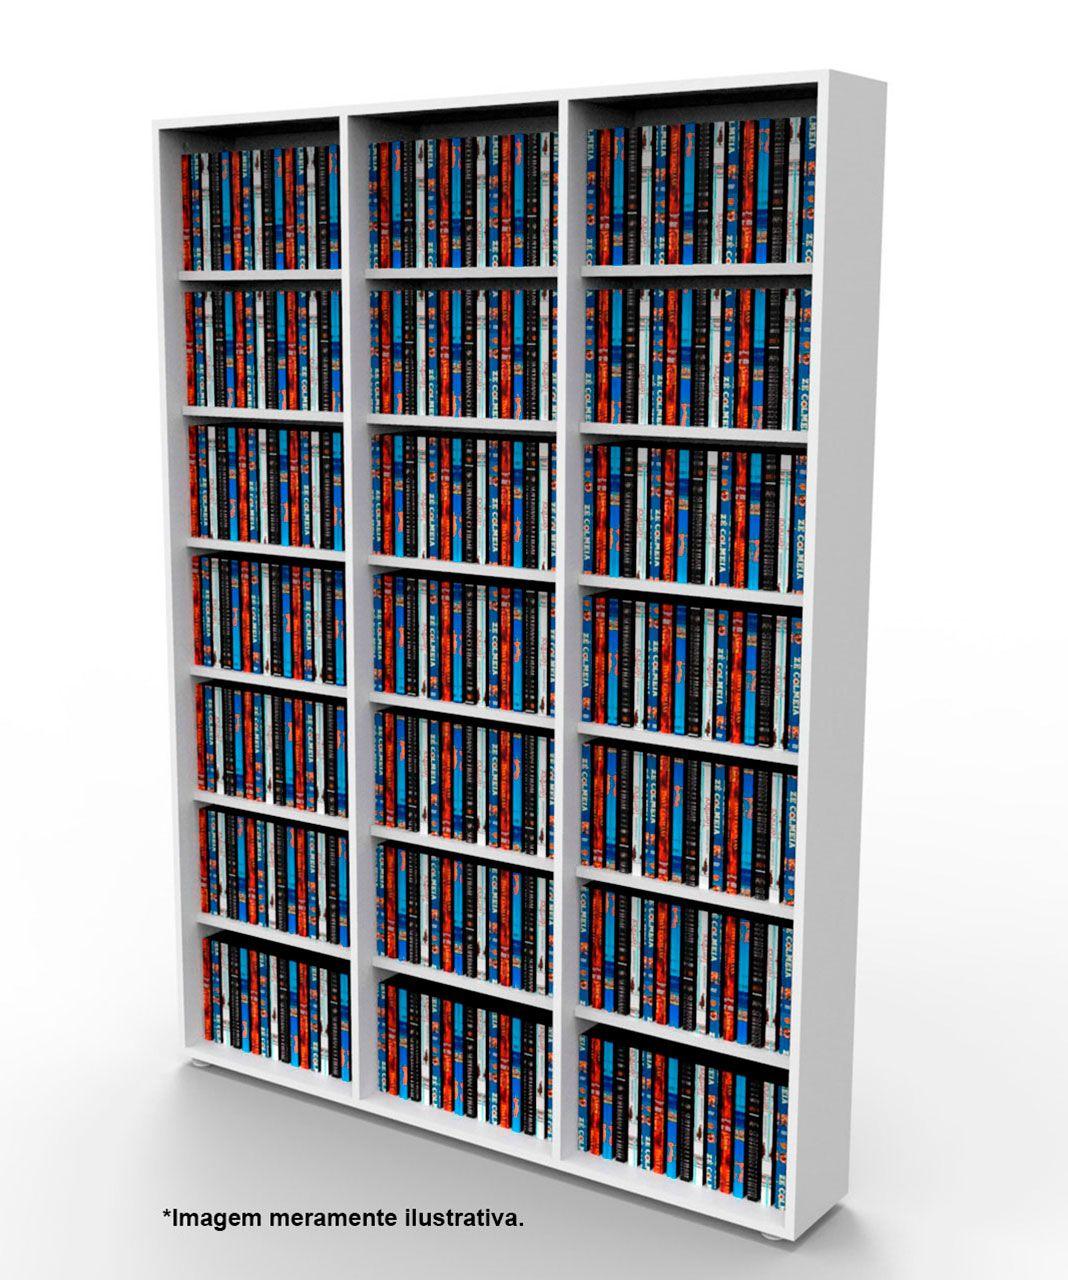 Estante para DVD Blu-ray 525 discos ou para gibis branca DV03BR Bürohaus